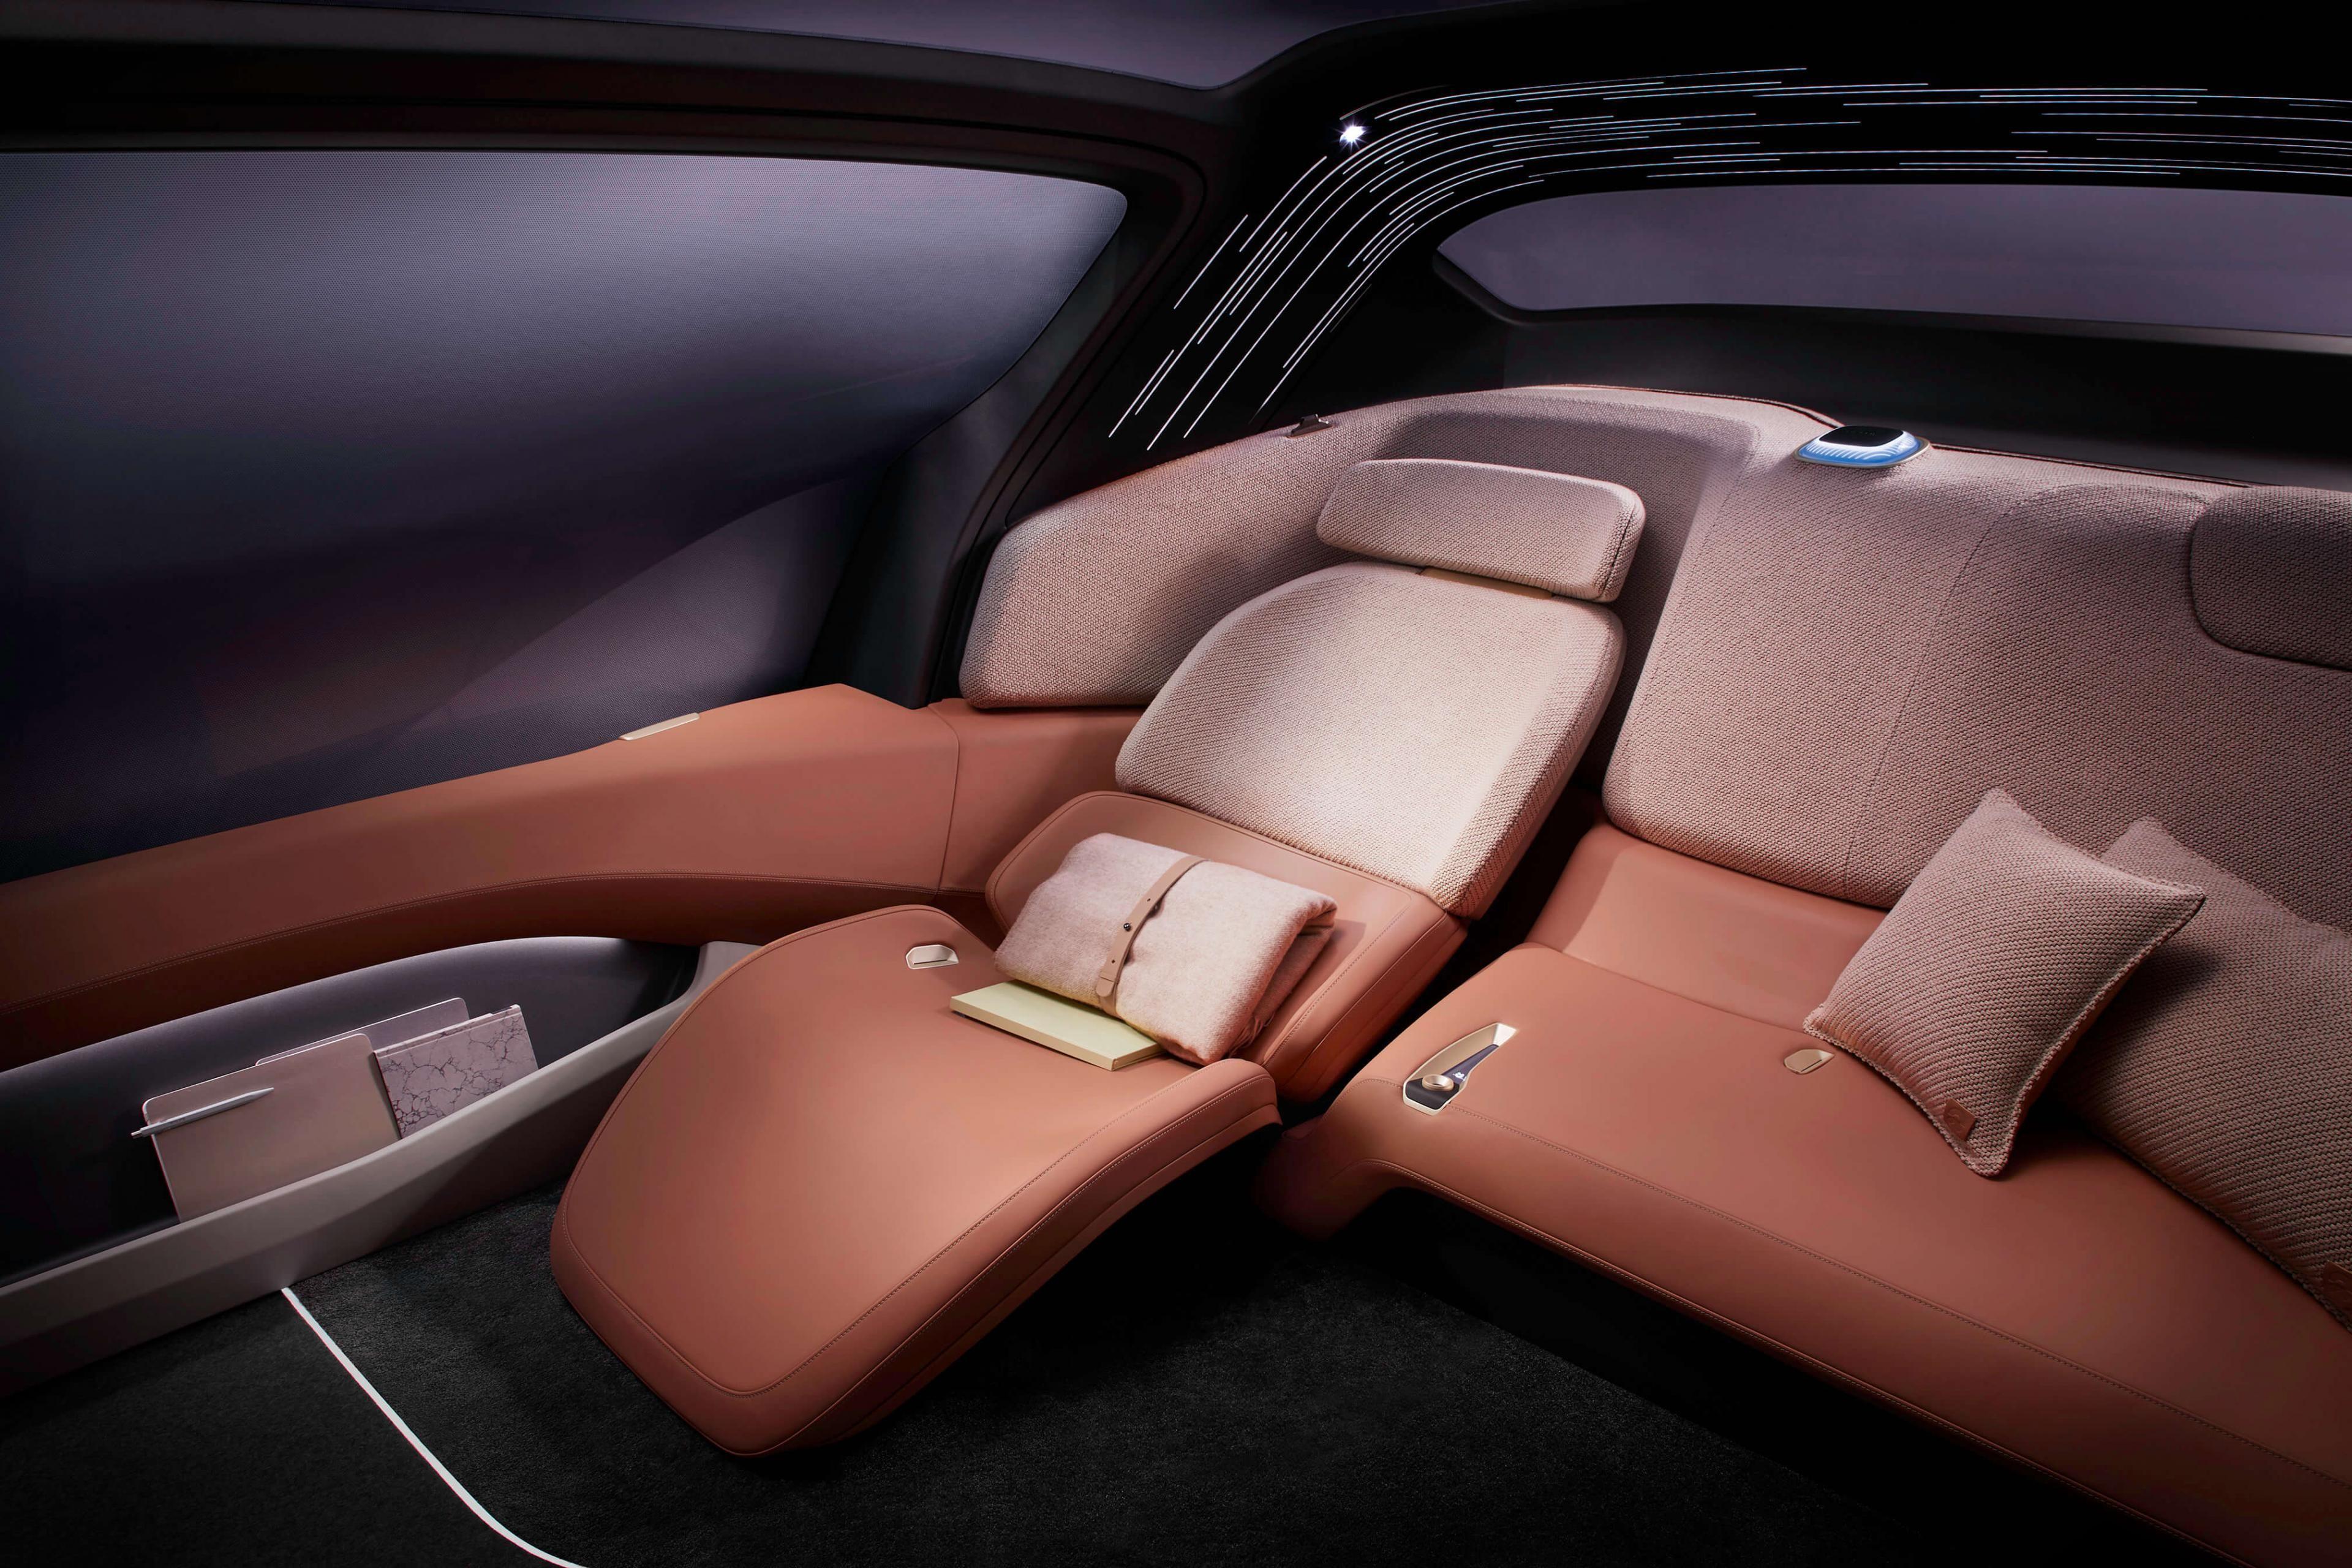 G19 Nio Eve 12 Relax Jpg 3840 2560 Electric Car Concept Concept Cars Autonomous Vehicle